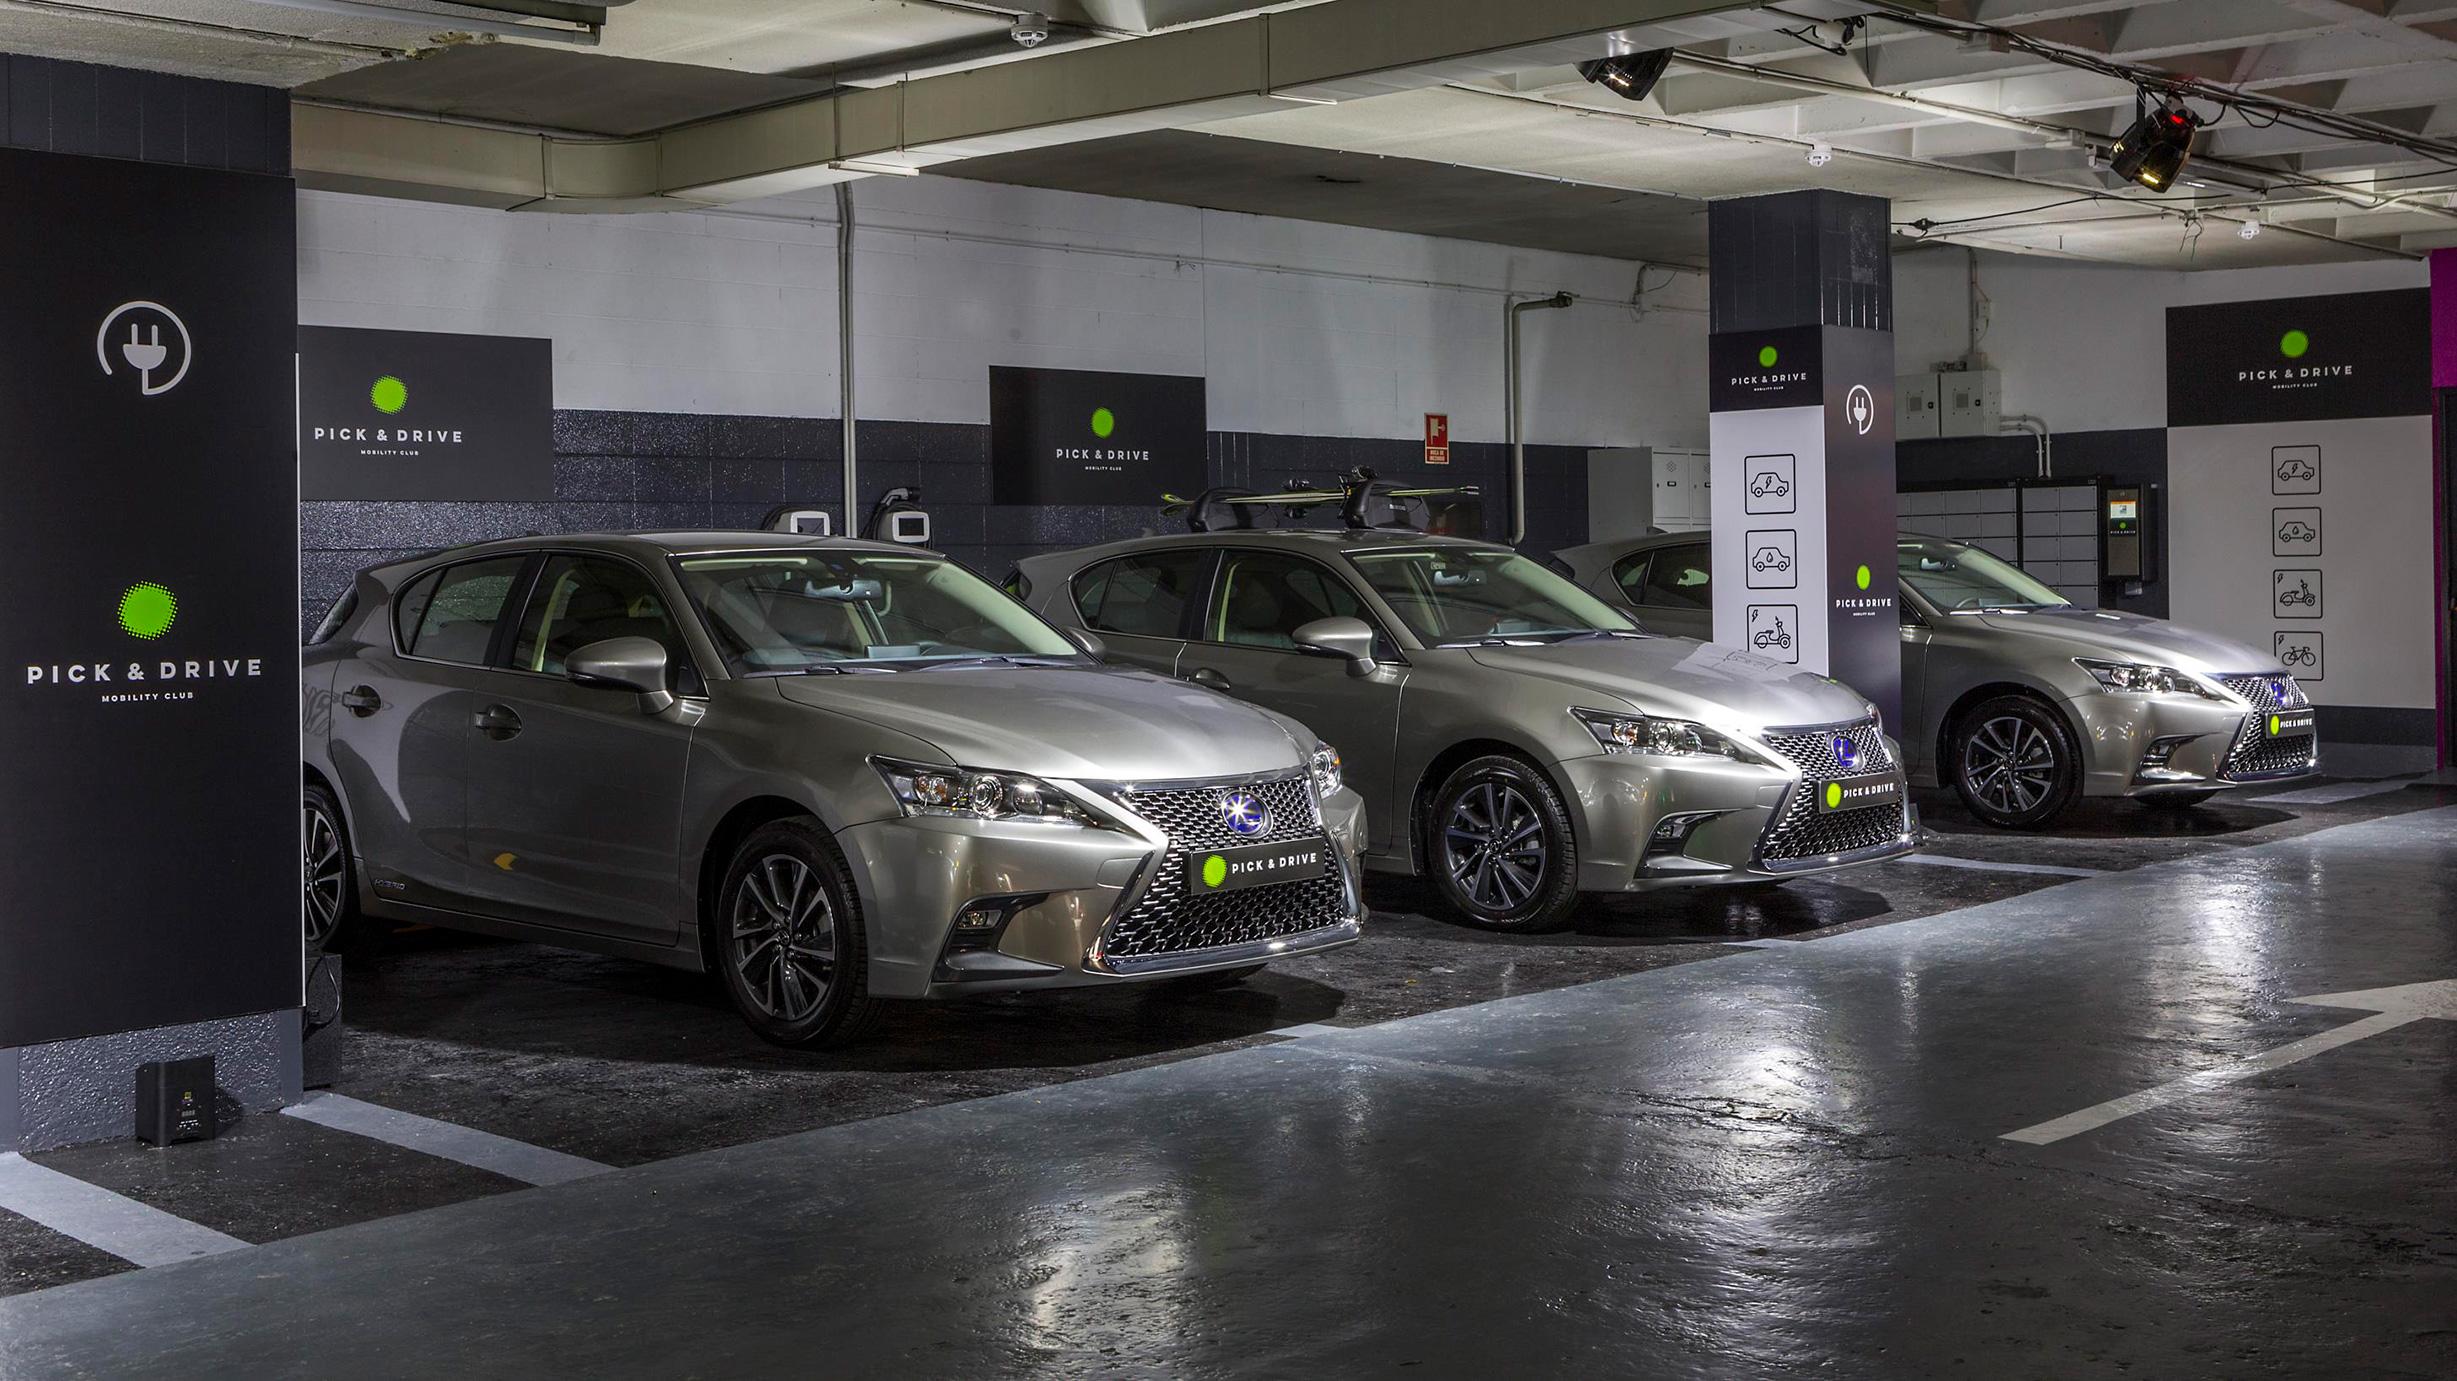 PICK & DRIVE nueva fórmula de movilidad compartida y sostenible